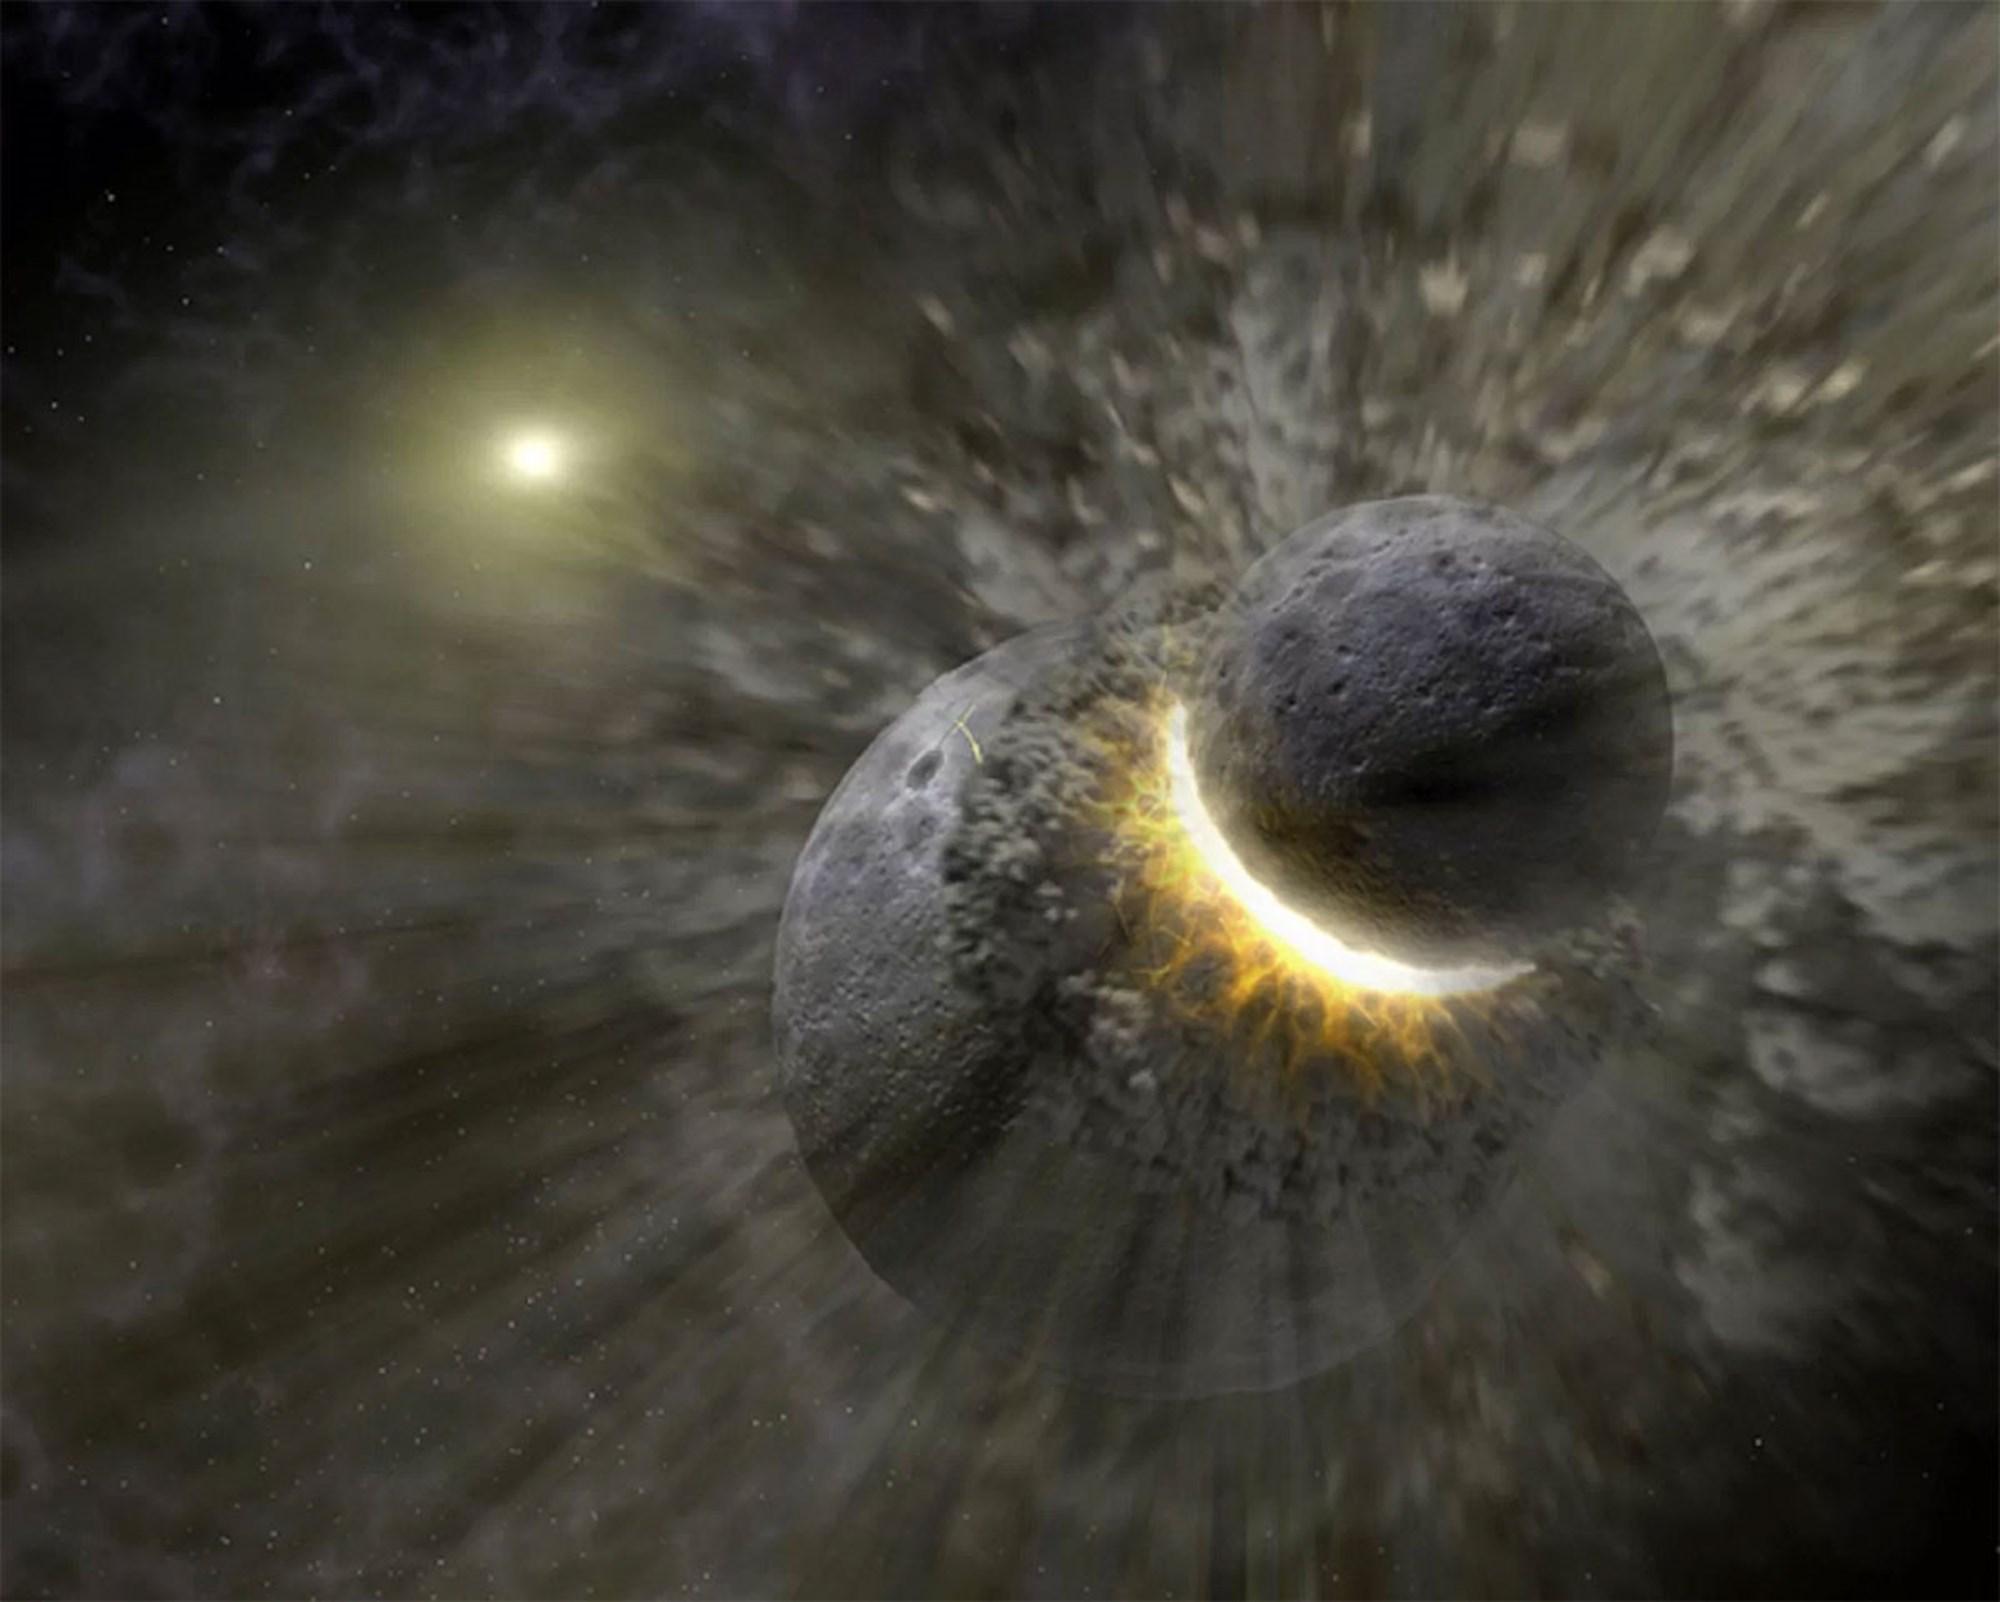 Als der Mond entstand, kam auch das Wasser auf die Erde – derStandard.at